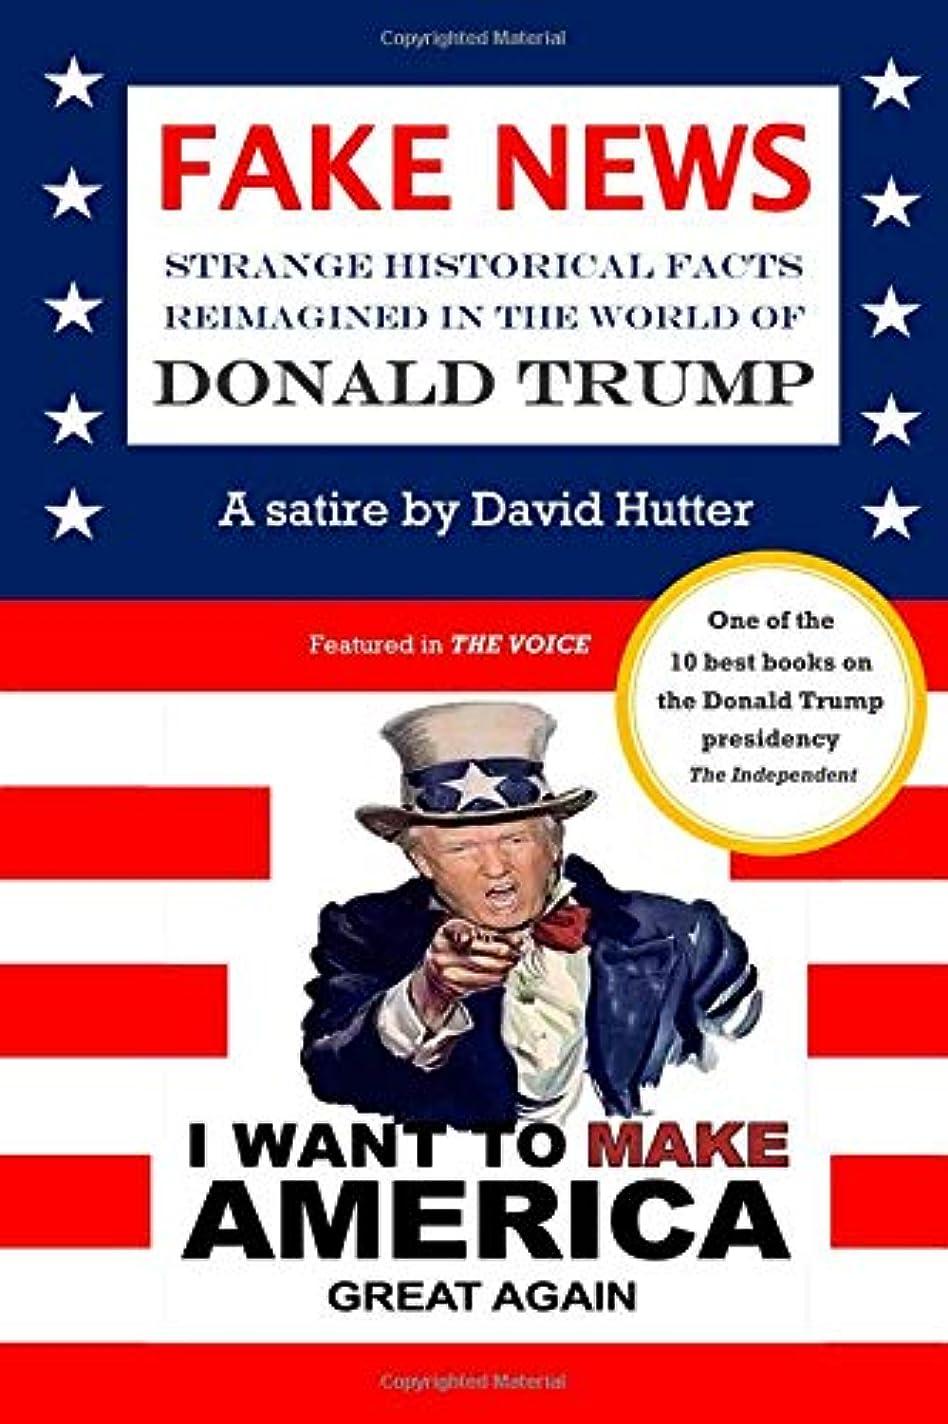 もっともらしいネイティブ地震FAKE NEWS: Strange historical facts reimagined in the world of Donald Trump